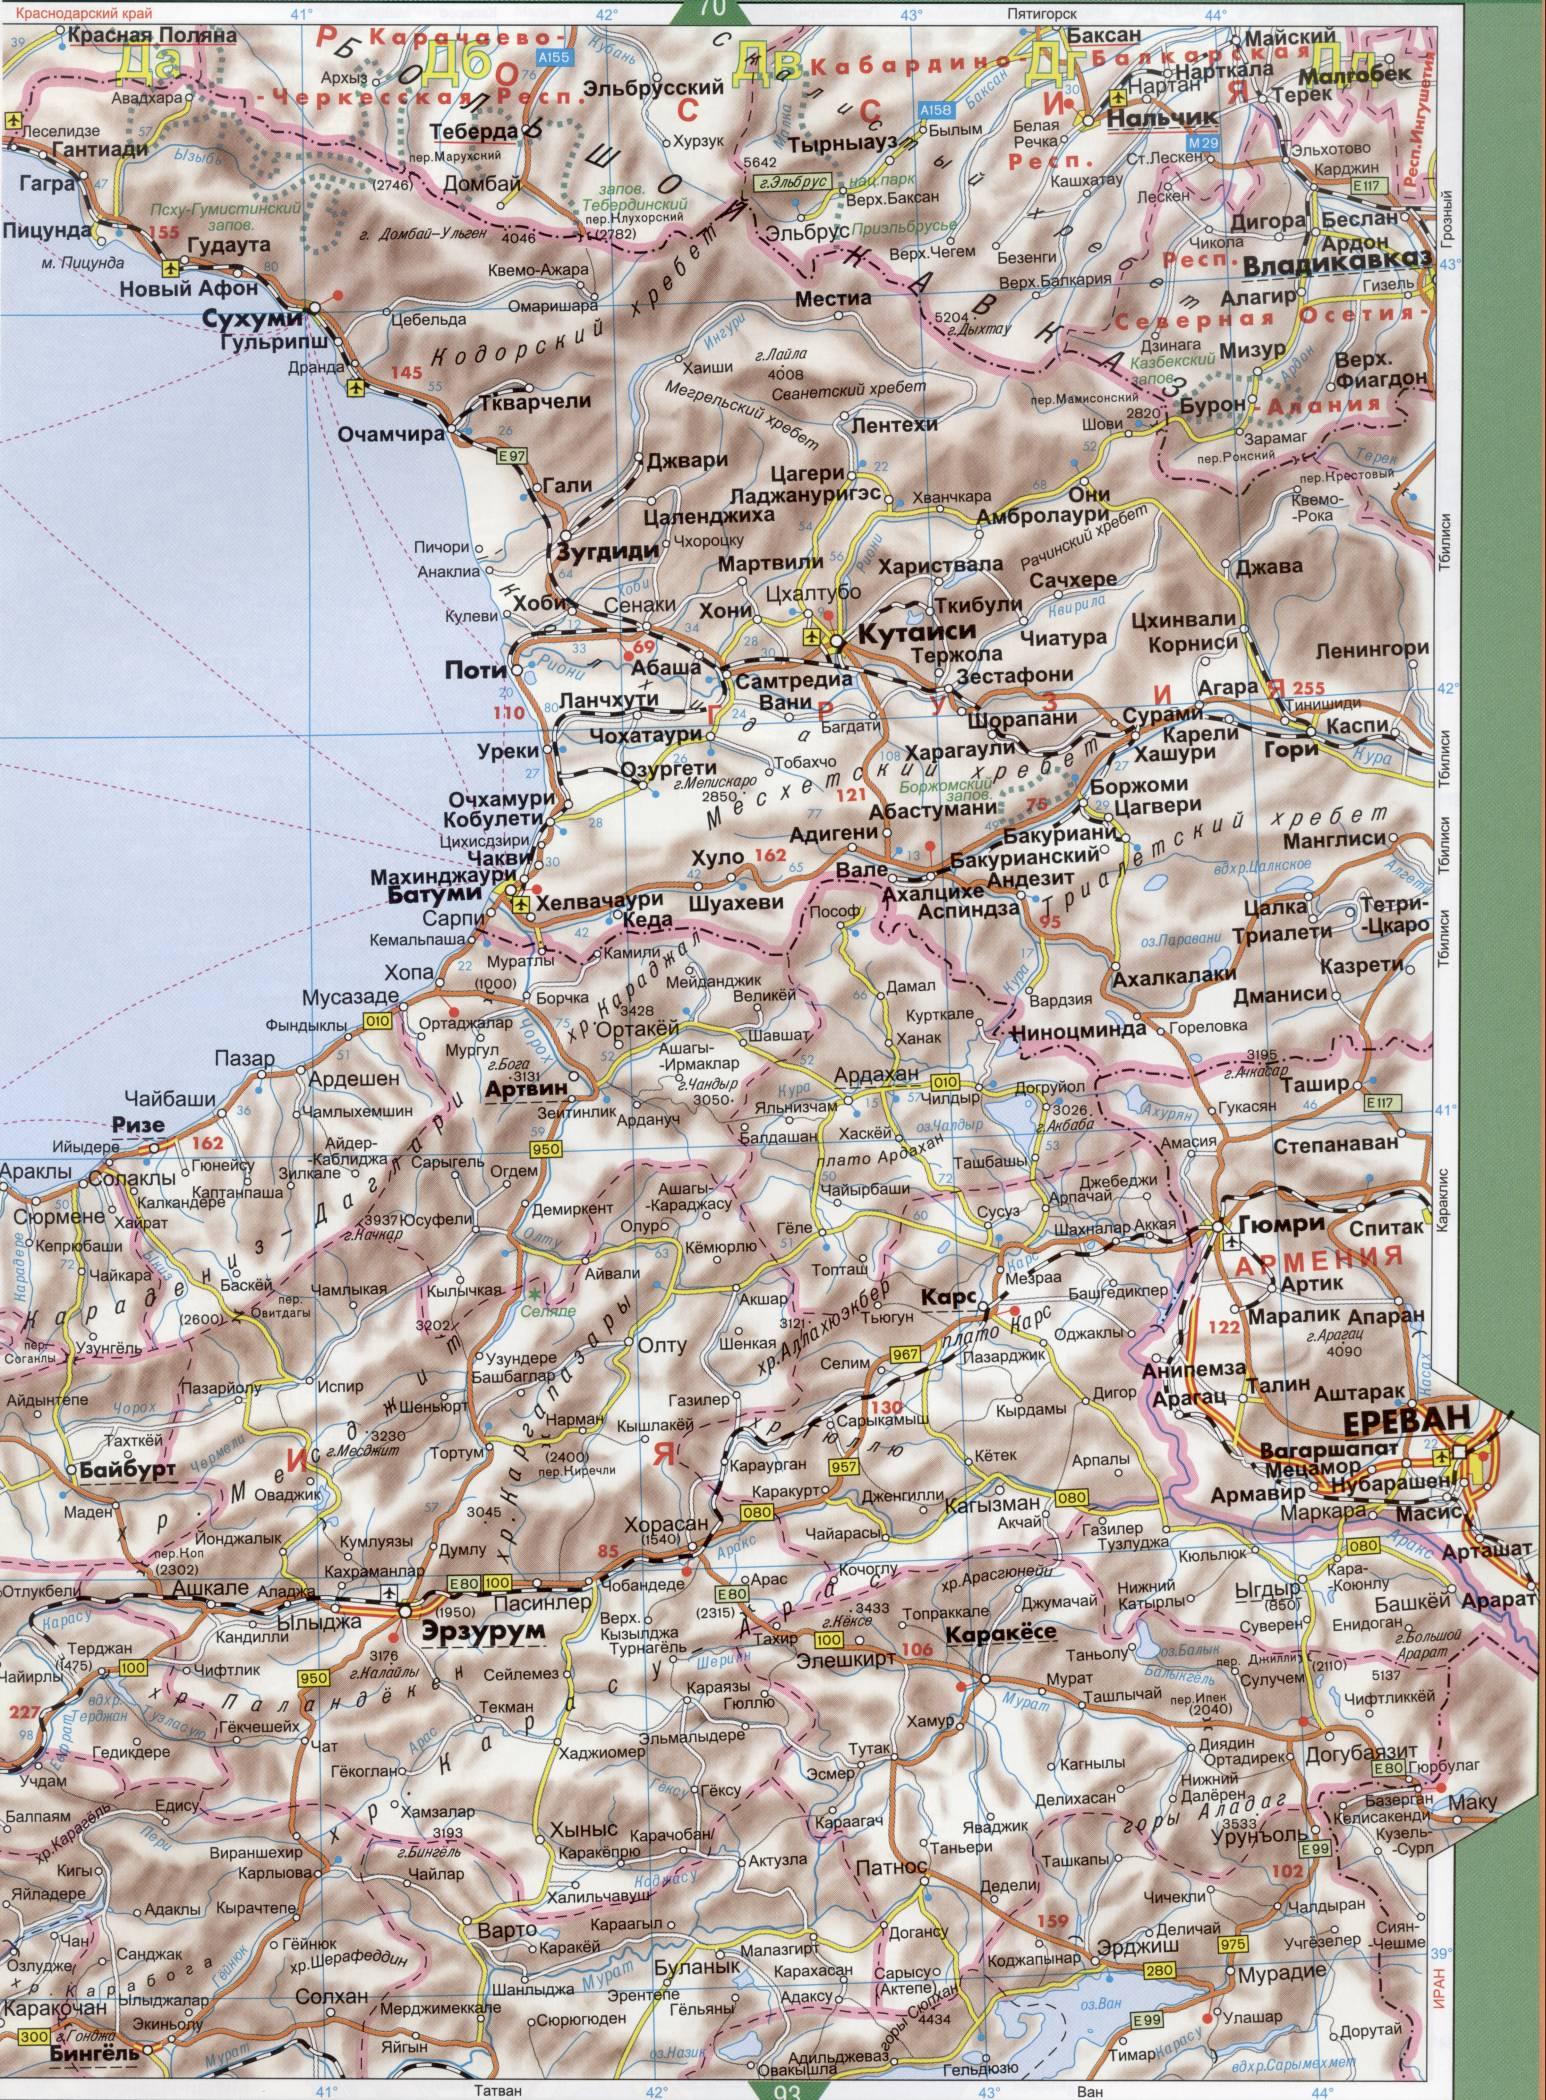 Карты автомобильных дорог европы на